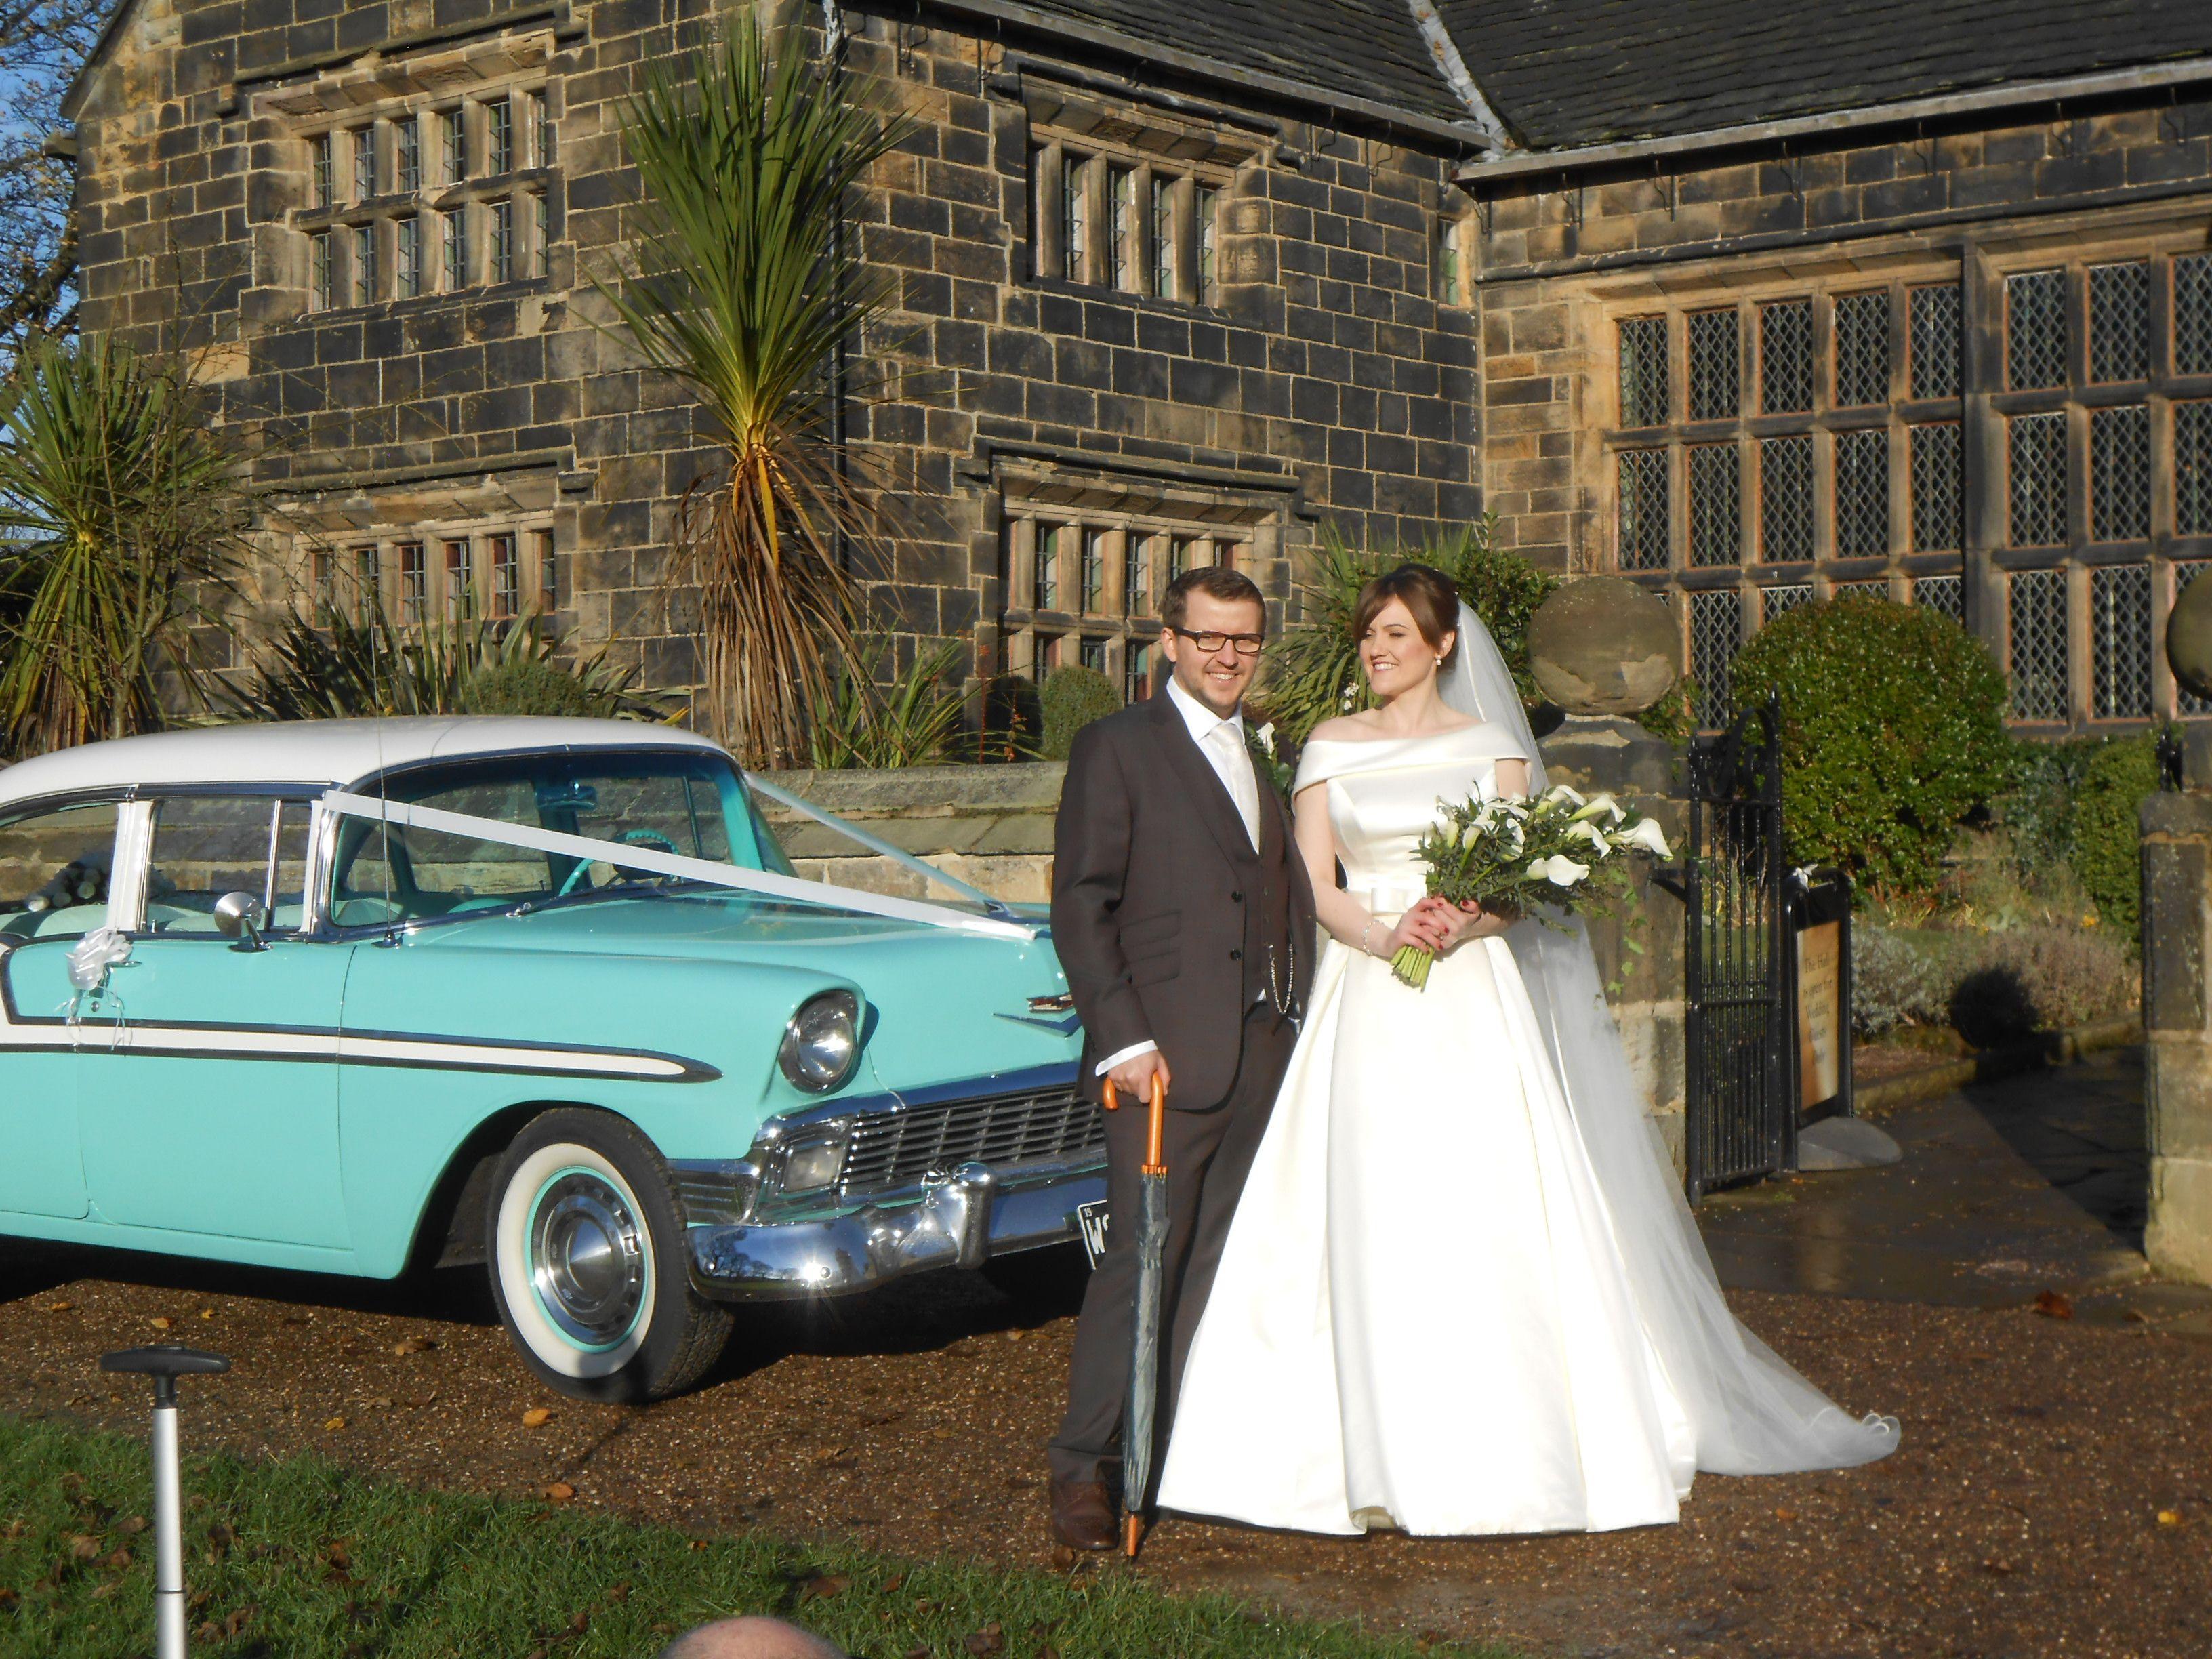 1950 S Classic American Wedding Cars American Wedding Wedding Car Wedding